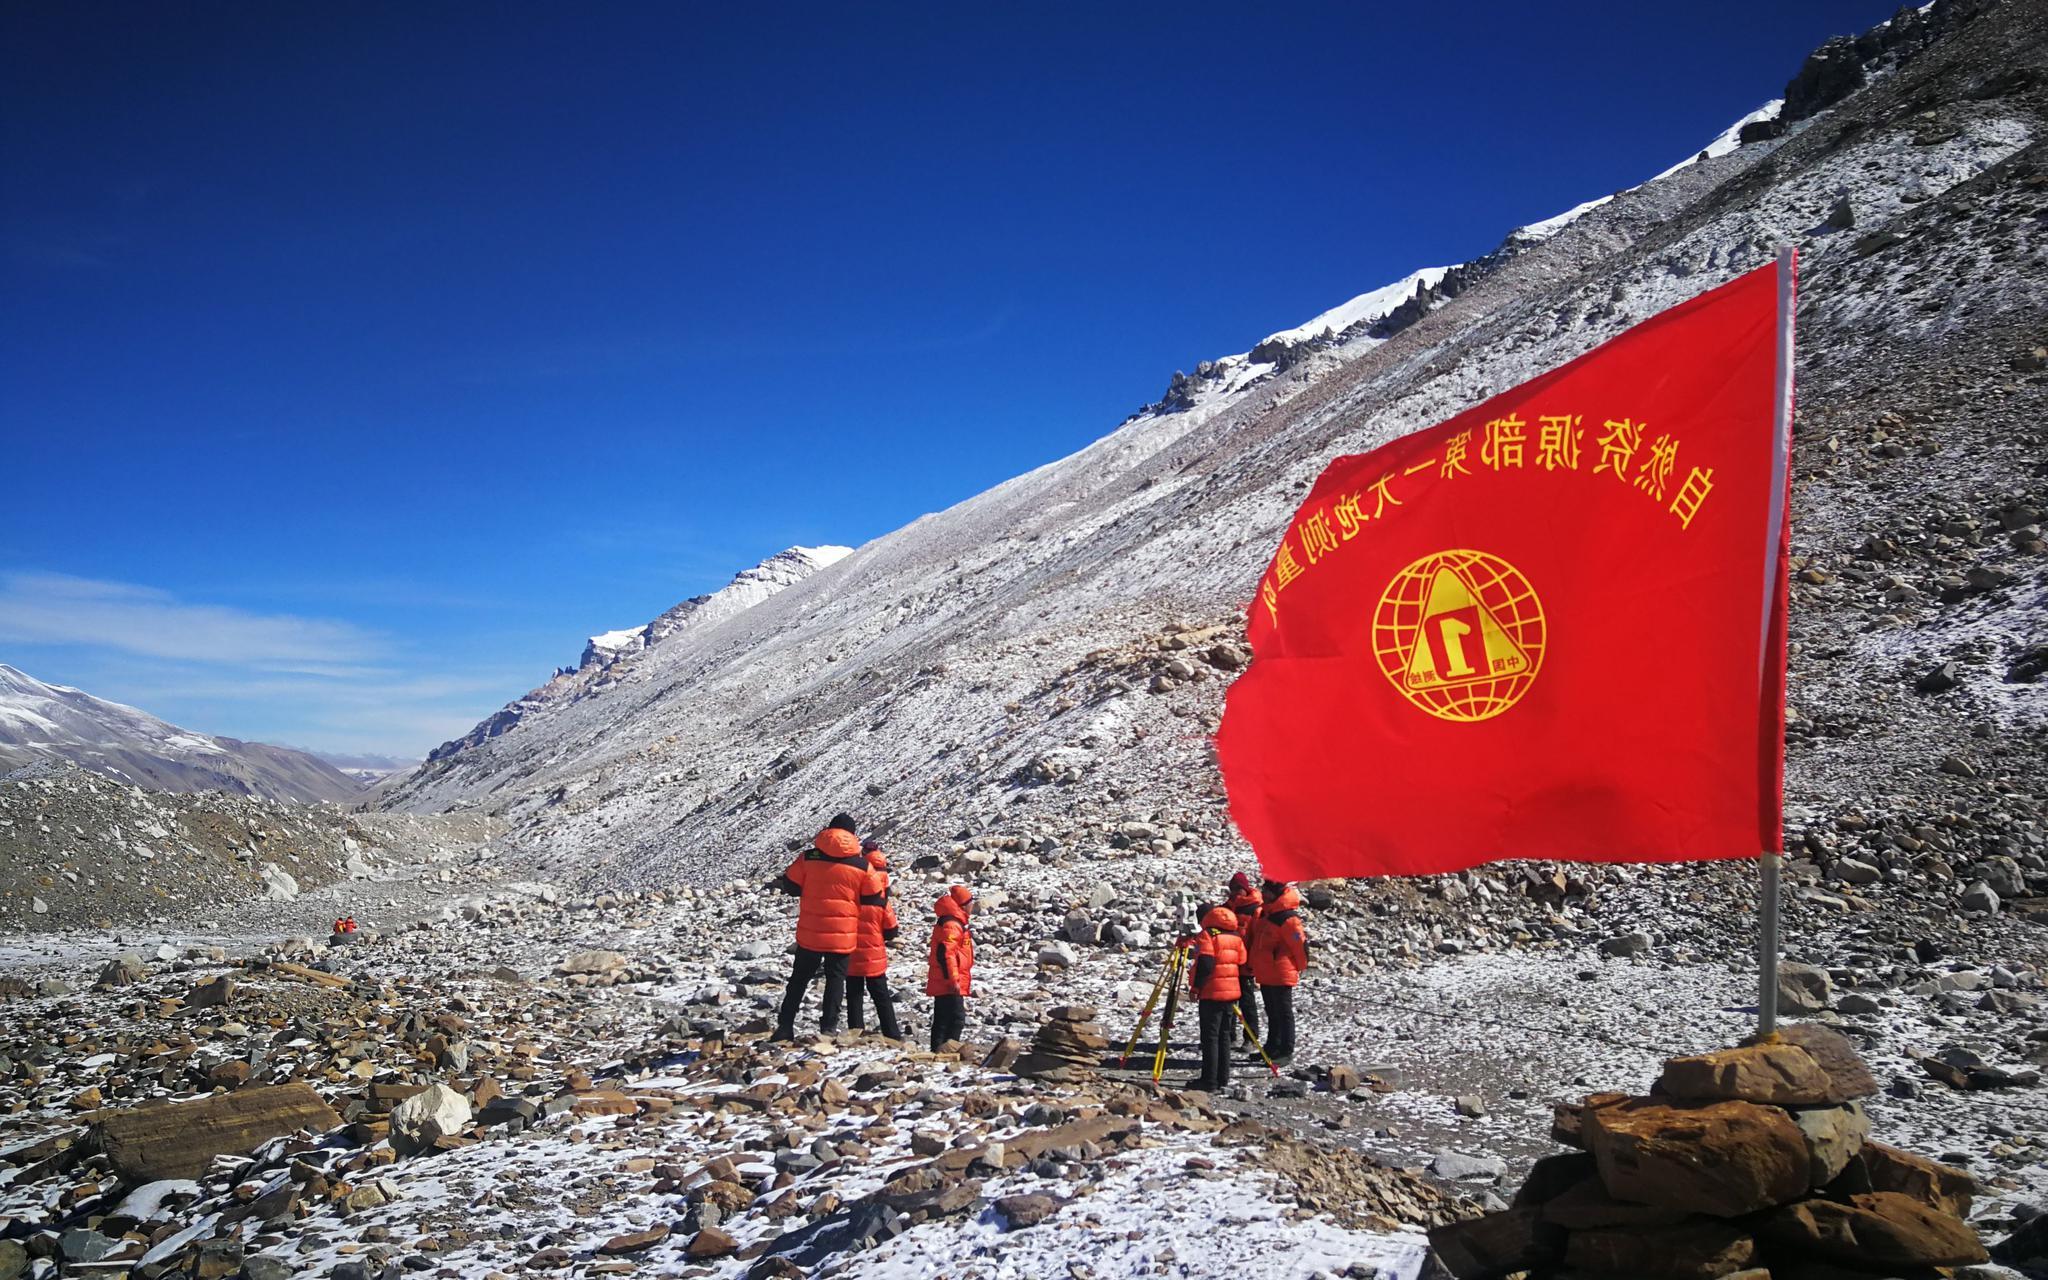 国测一大队的测绘队员在珠峰脚下进行水准测量。受访者供图